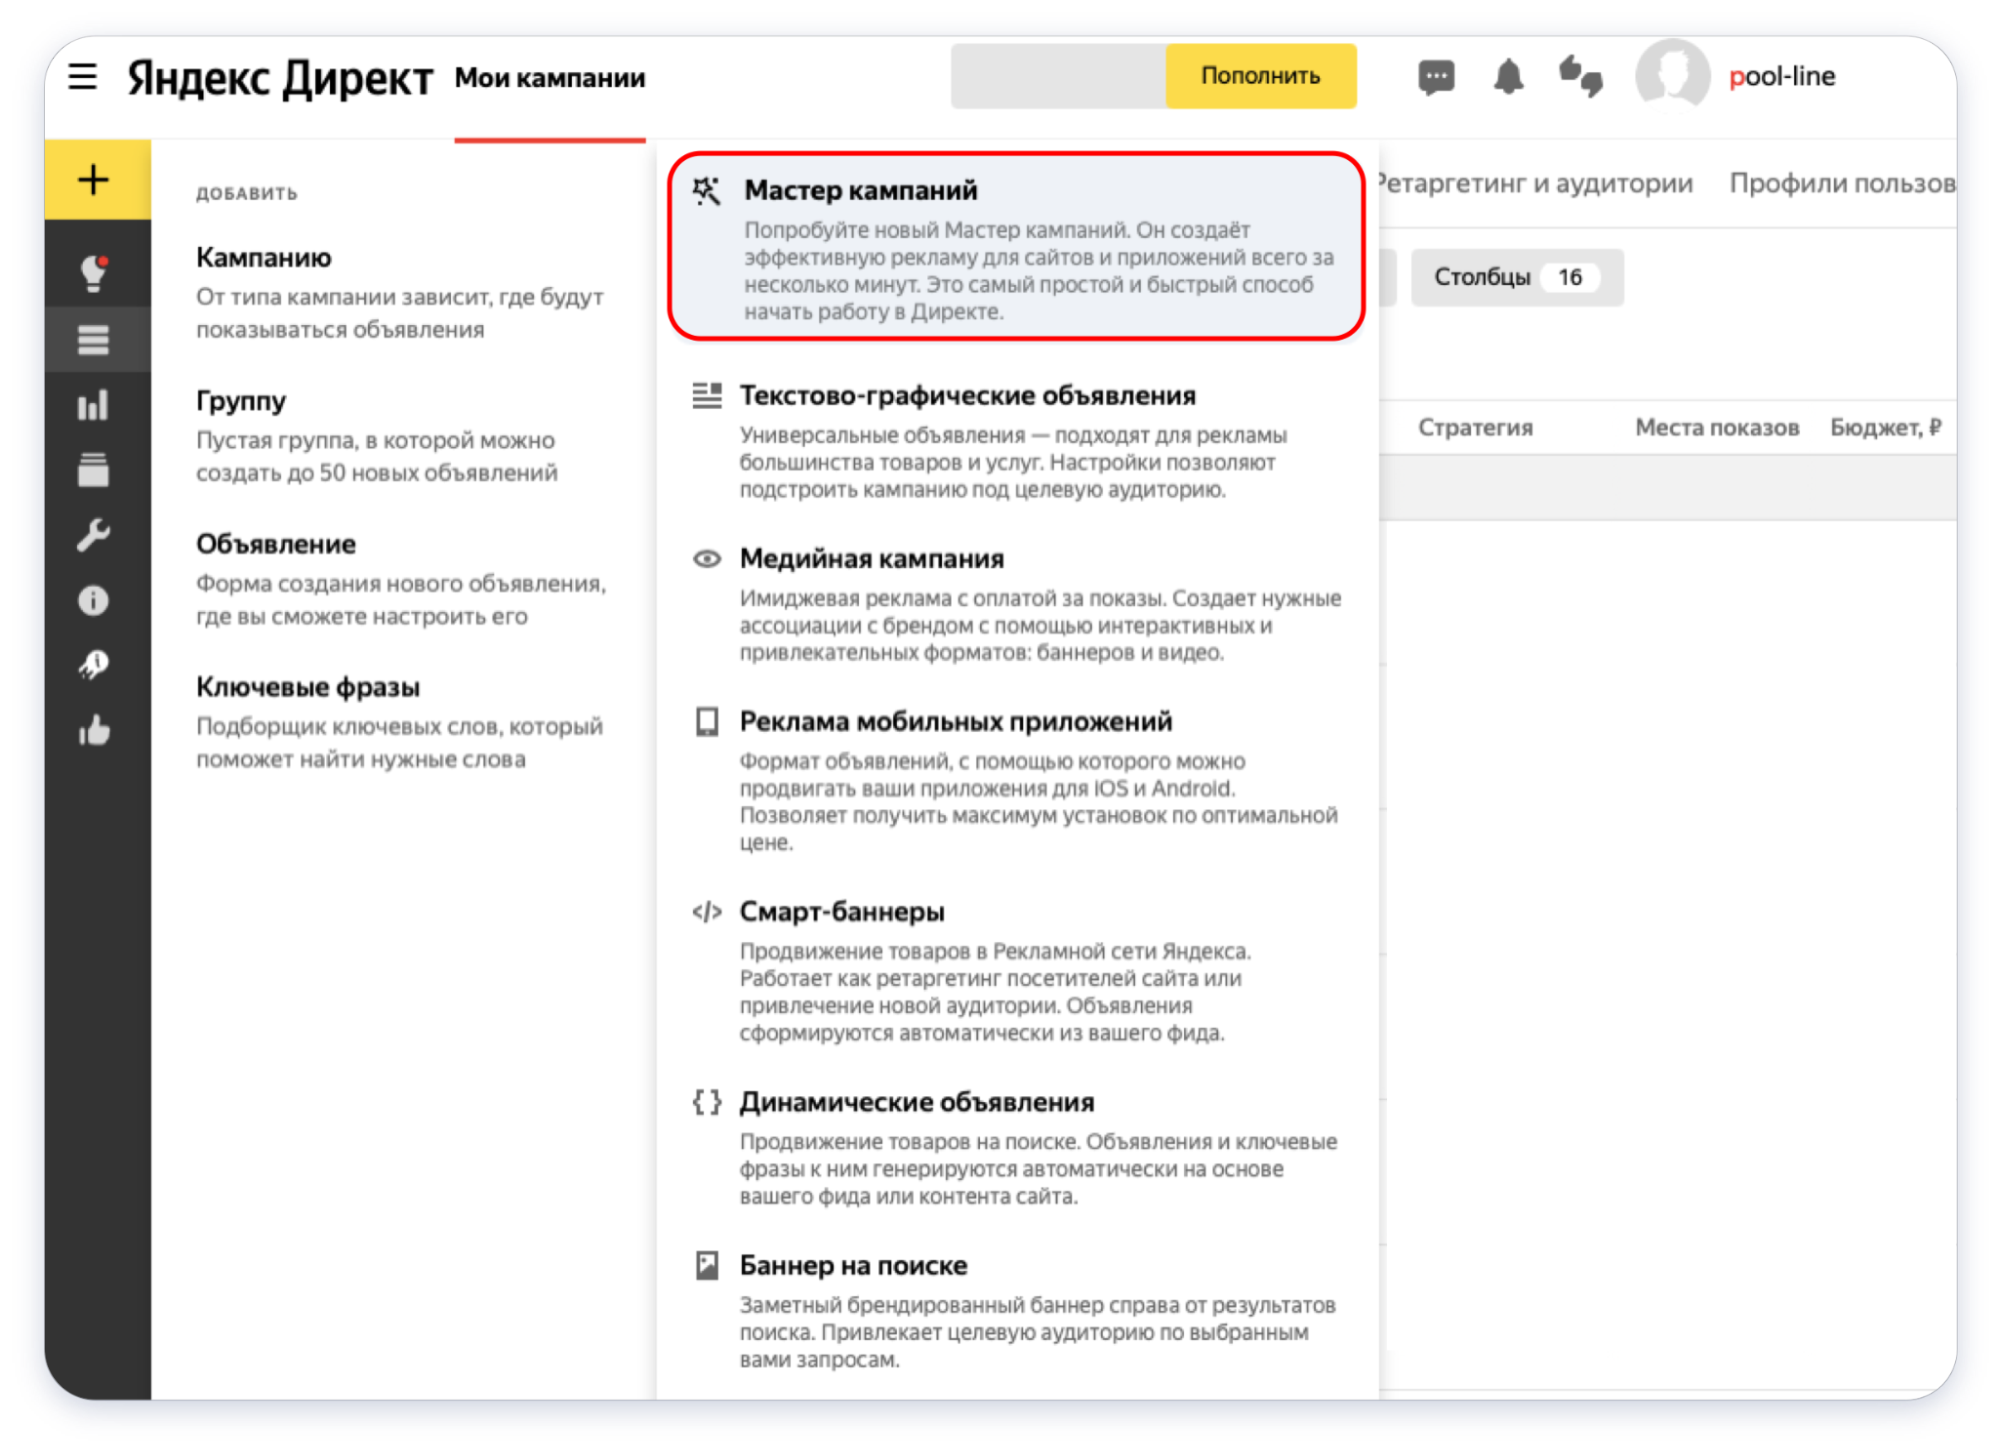 Как настроить Мастер кампаний в Яндекс Директ: шаг 3